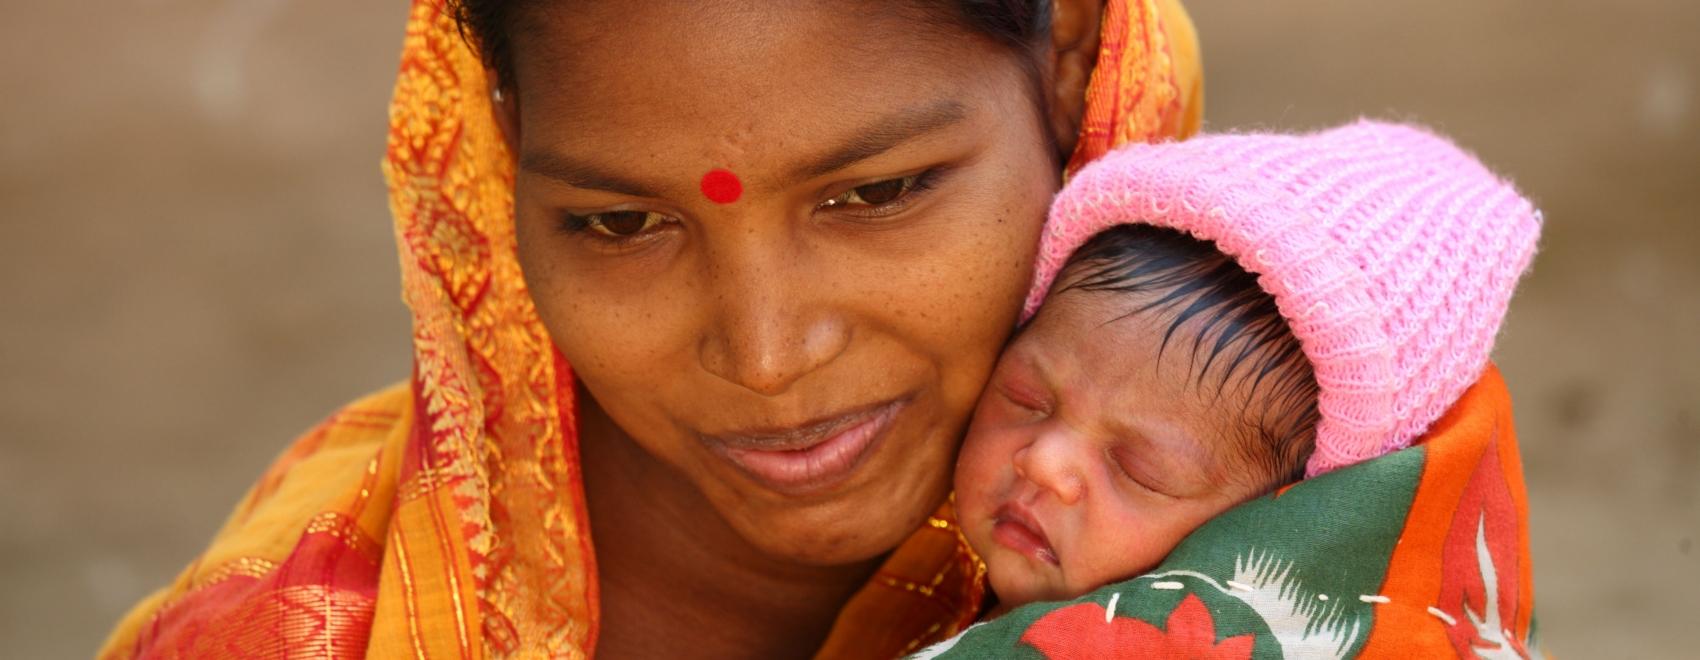 Indiase moeder met baby in oranje omslagdoek. Eindelijk volwassen! Help het kind in je opgroeien naar volwassenheid.